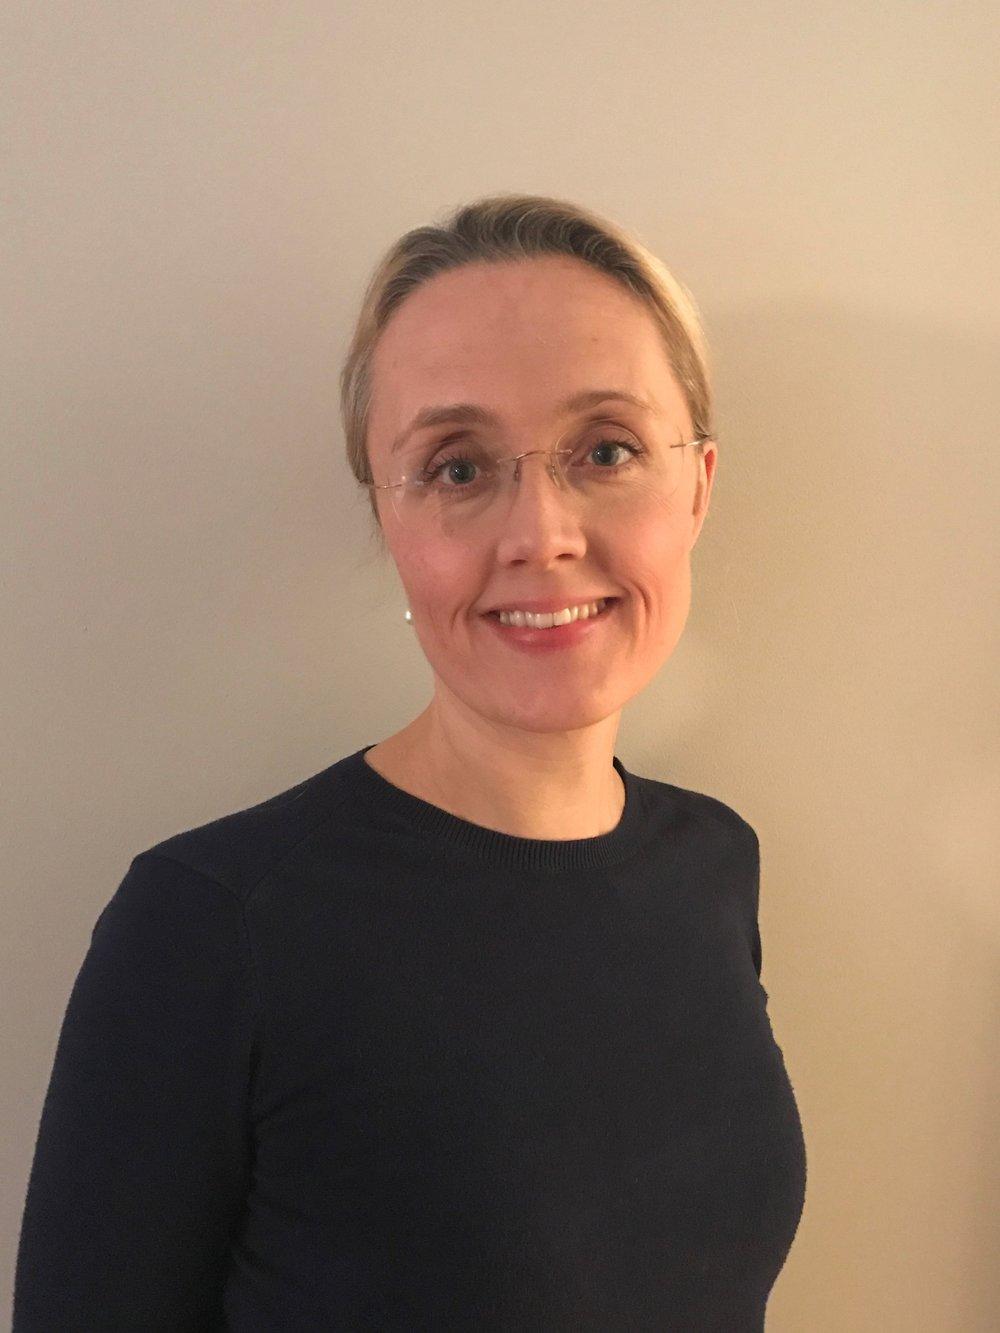 Maria Brolin, Specialistläkare dermatologi, Hudcentrum Hagastaden samt Konsult, Dermamedica Brolin Consulting